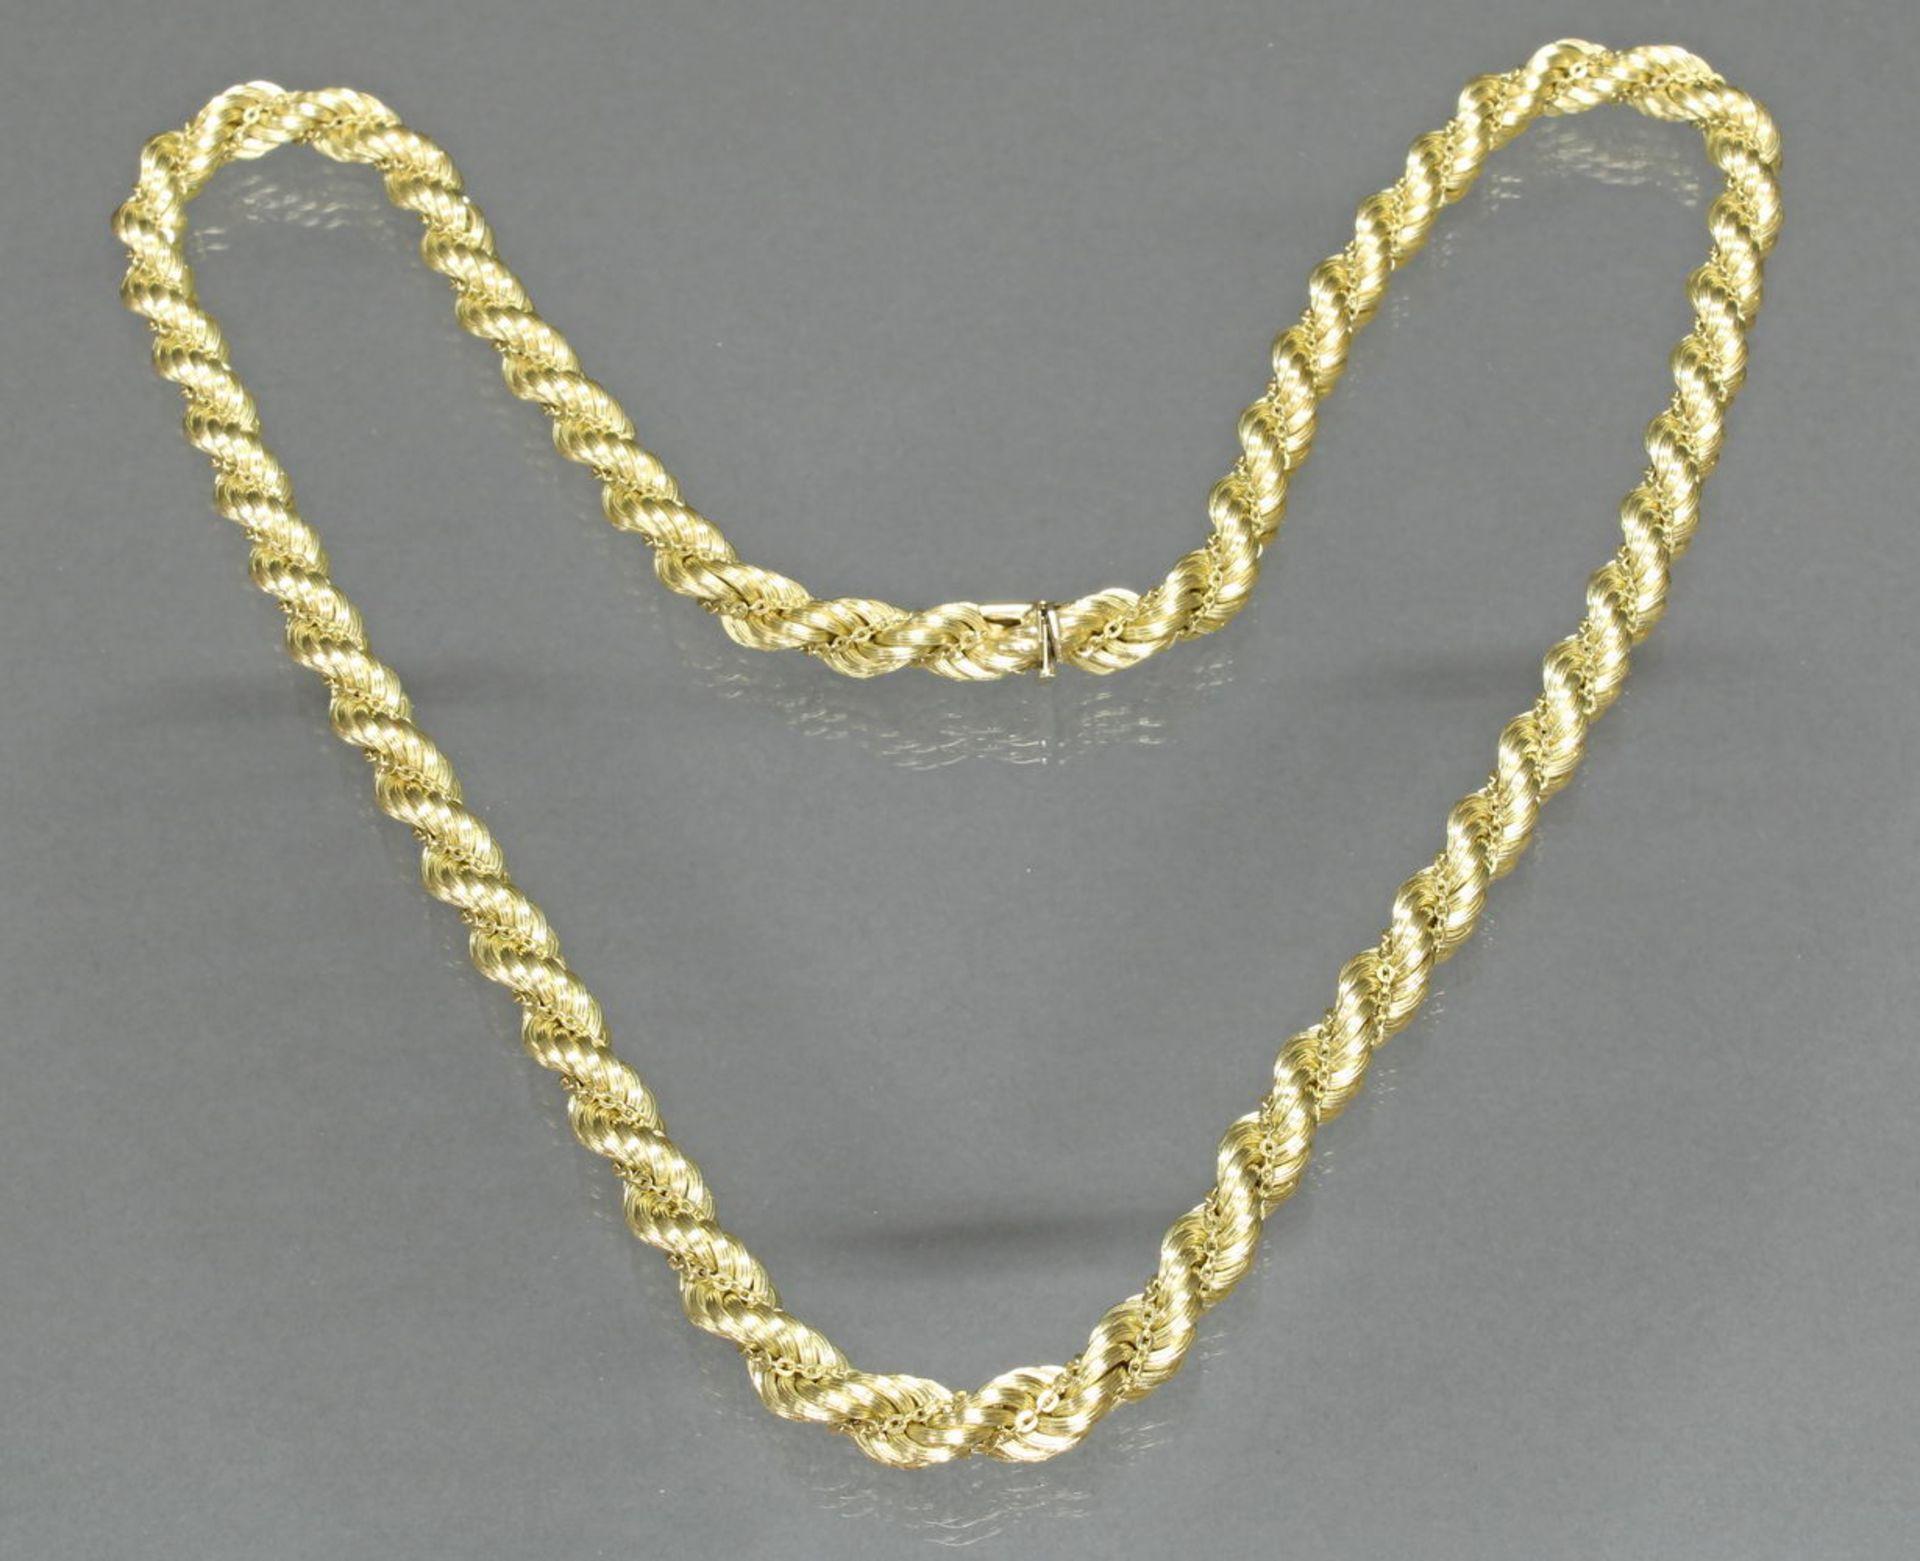 Kordelkette, GG 585, 81 cm lang, 94 g